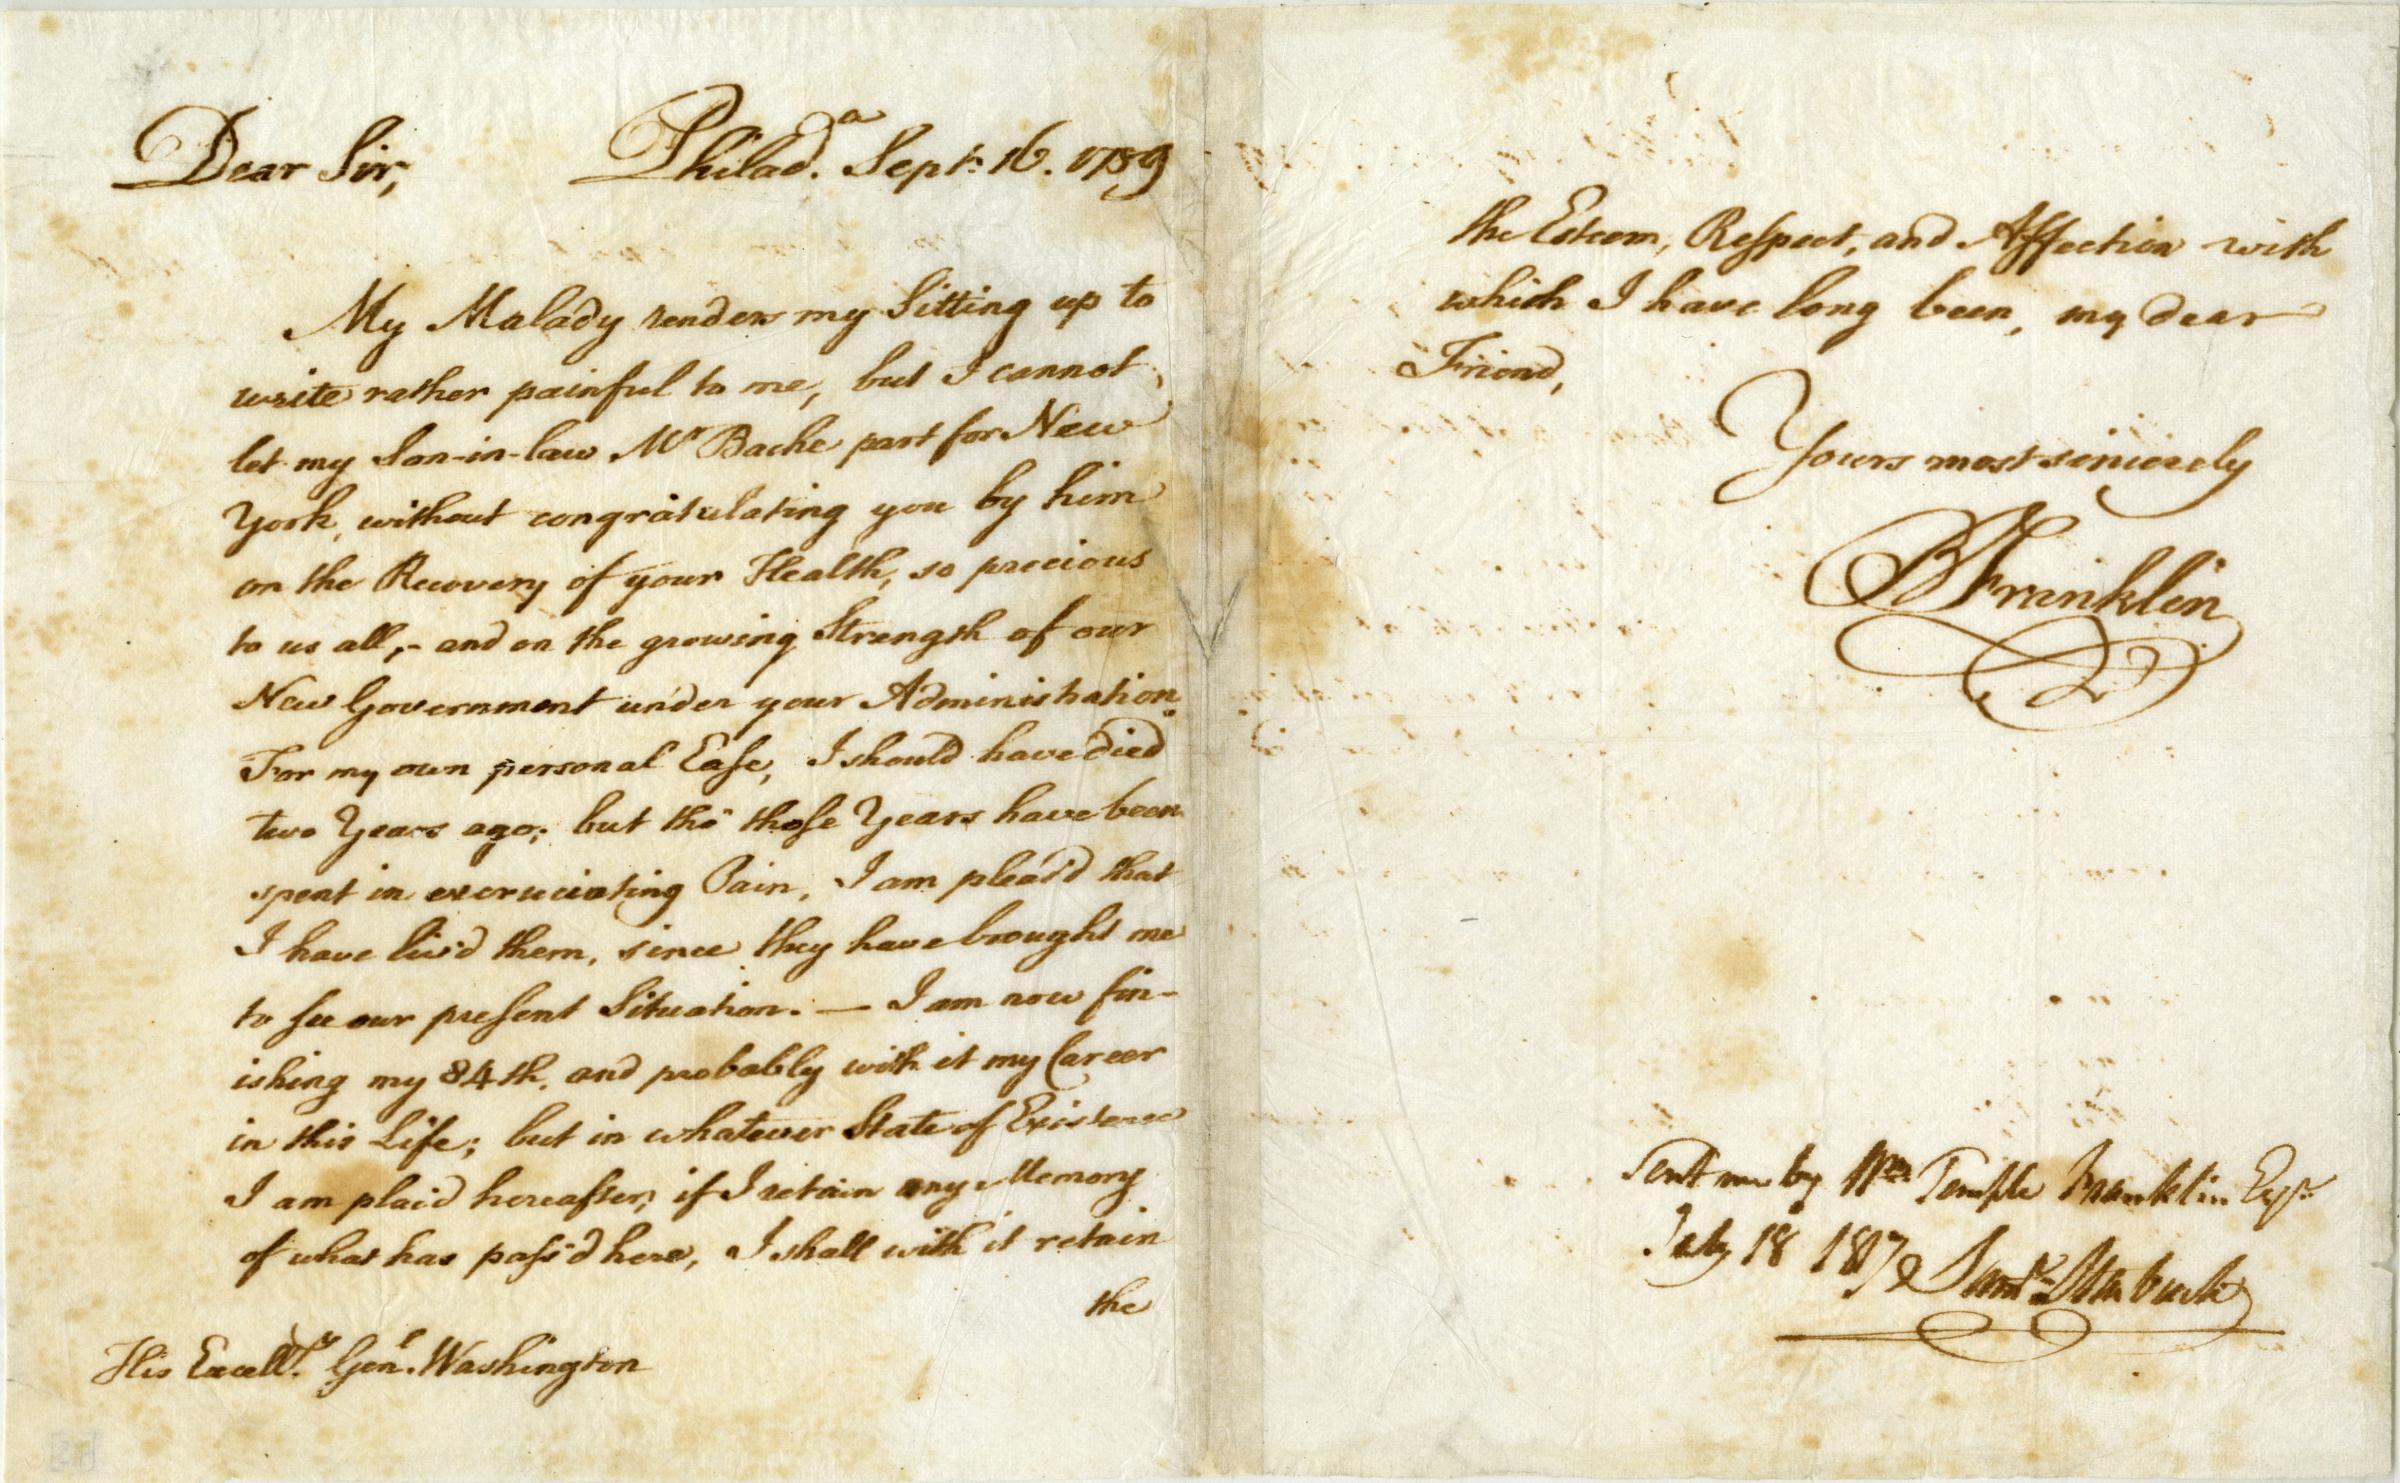 benjamin franklin essays letters Find great deals on ebay for benjamin franklin letter benjamin franklin letters benjamin franklin papers book,yale u vol 4,index,letter s,essays.